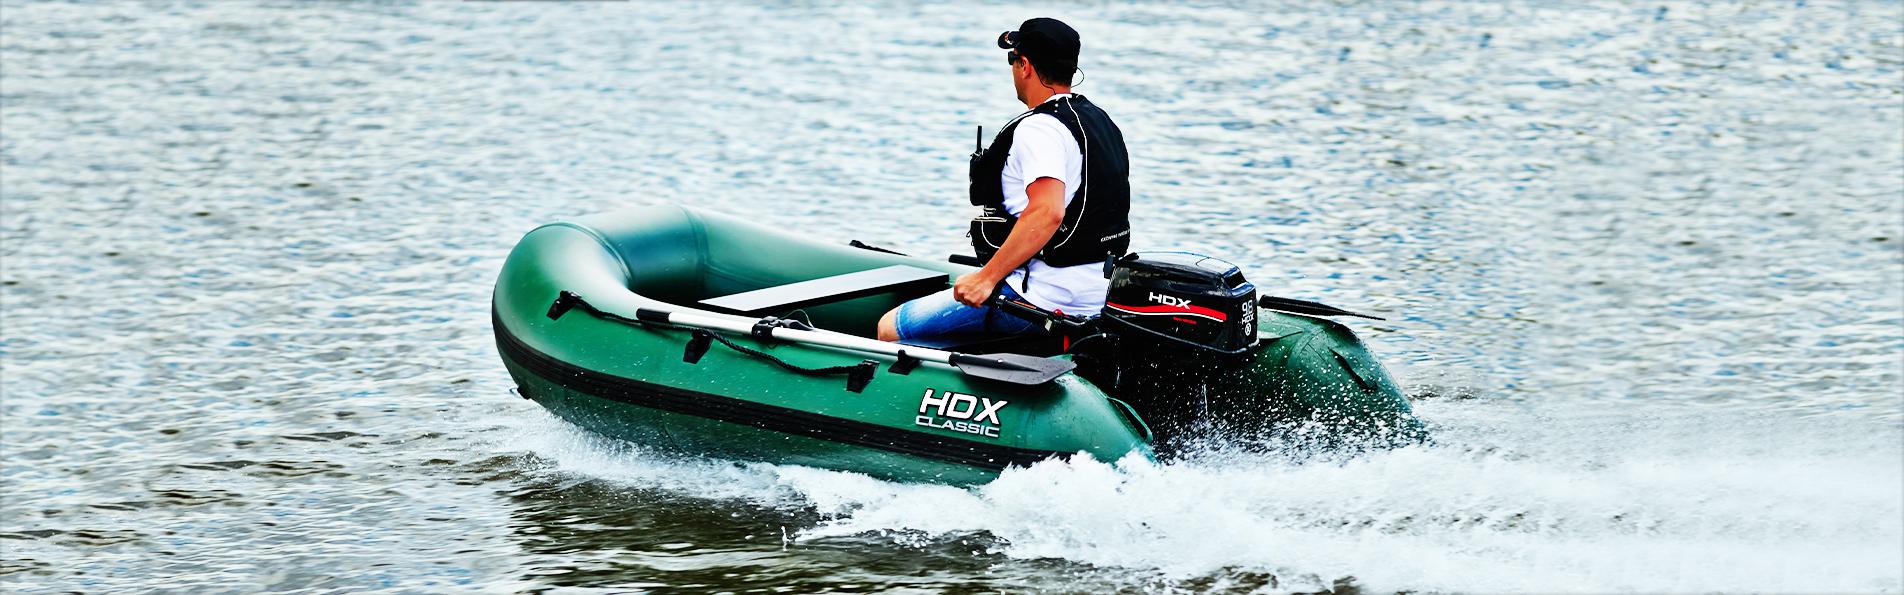 какой лучше лодочный мотор для надувной лодки